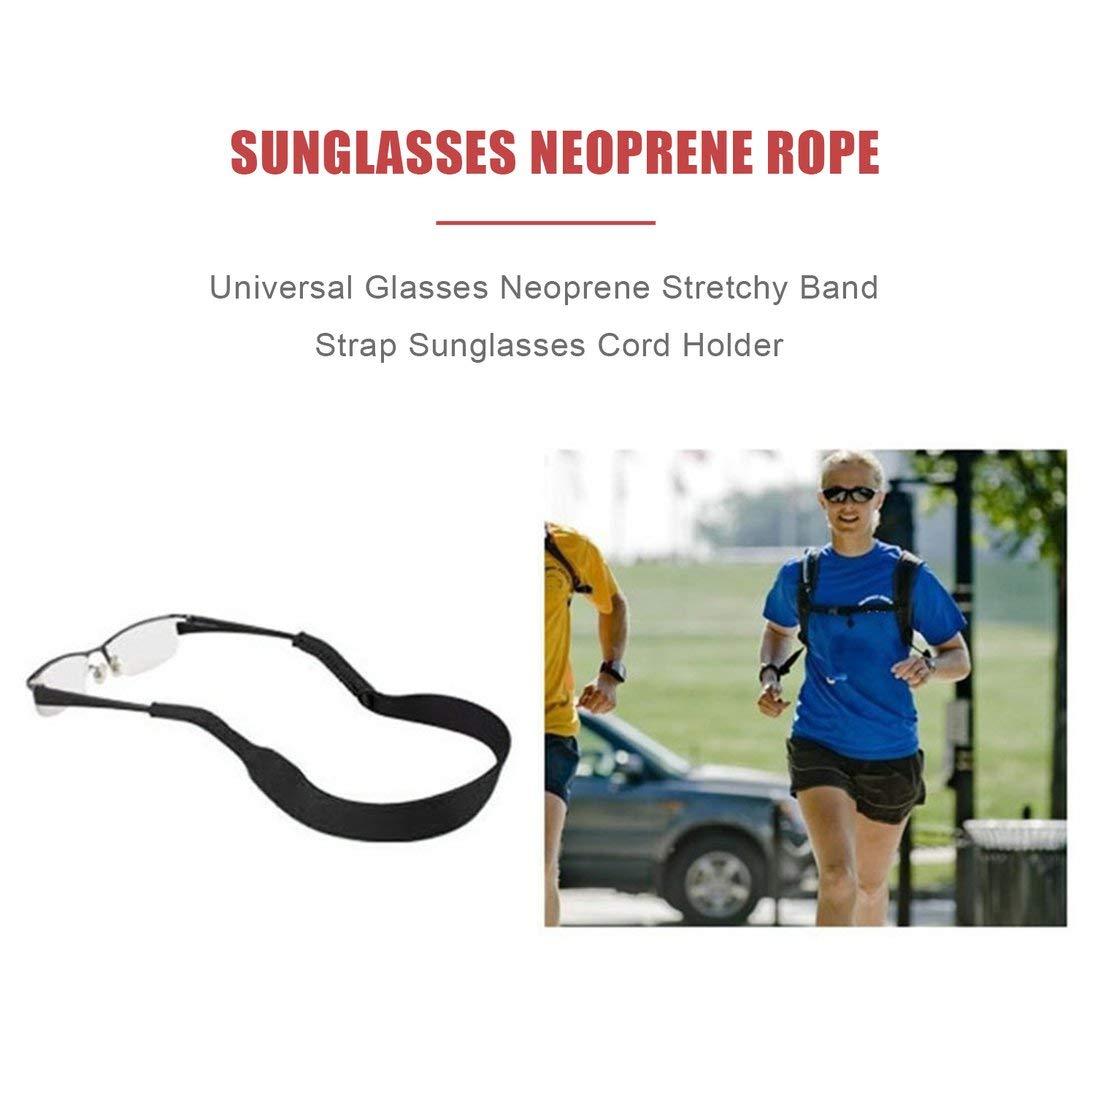 WEIHAN Occhiali da vista vintage solidi con cinturino per occhiali Occhiali da vista in neoprene Elastico universale Occhiali da sole Corda Porta corda